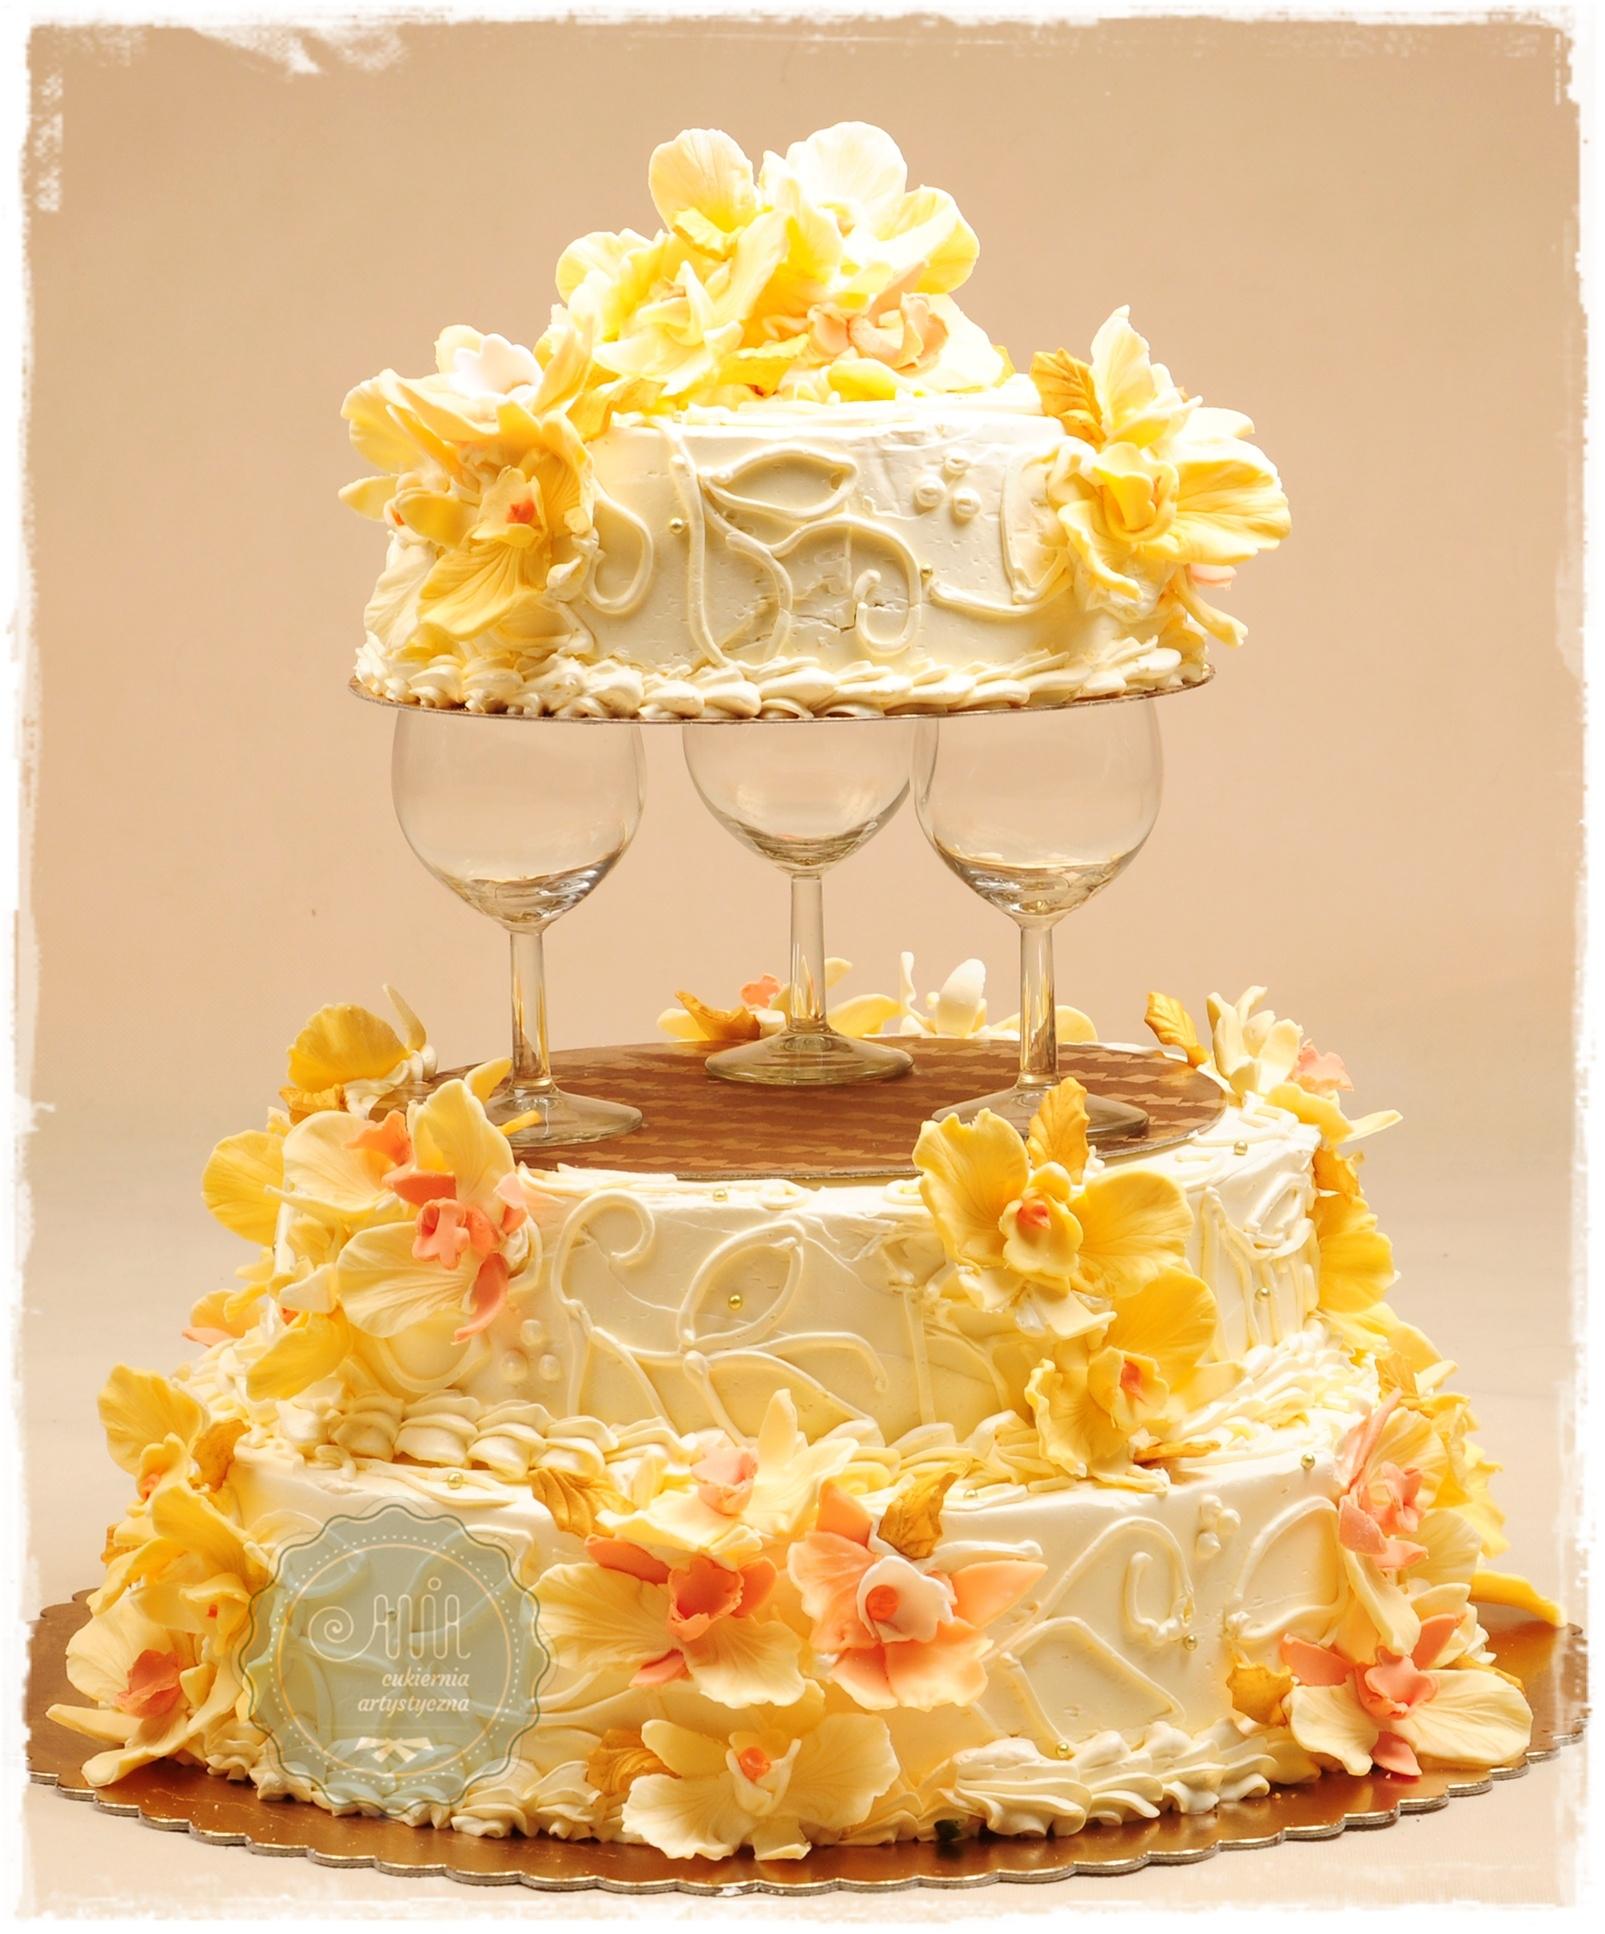 Tort weselny Złoty Blask łososiowy - zdjęcie 1